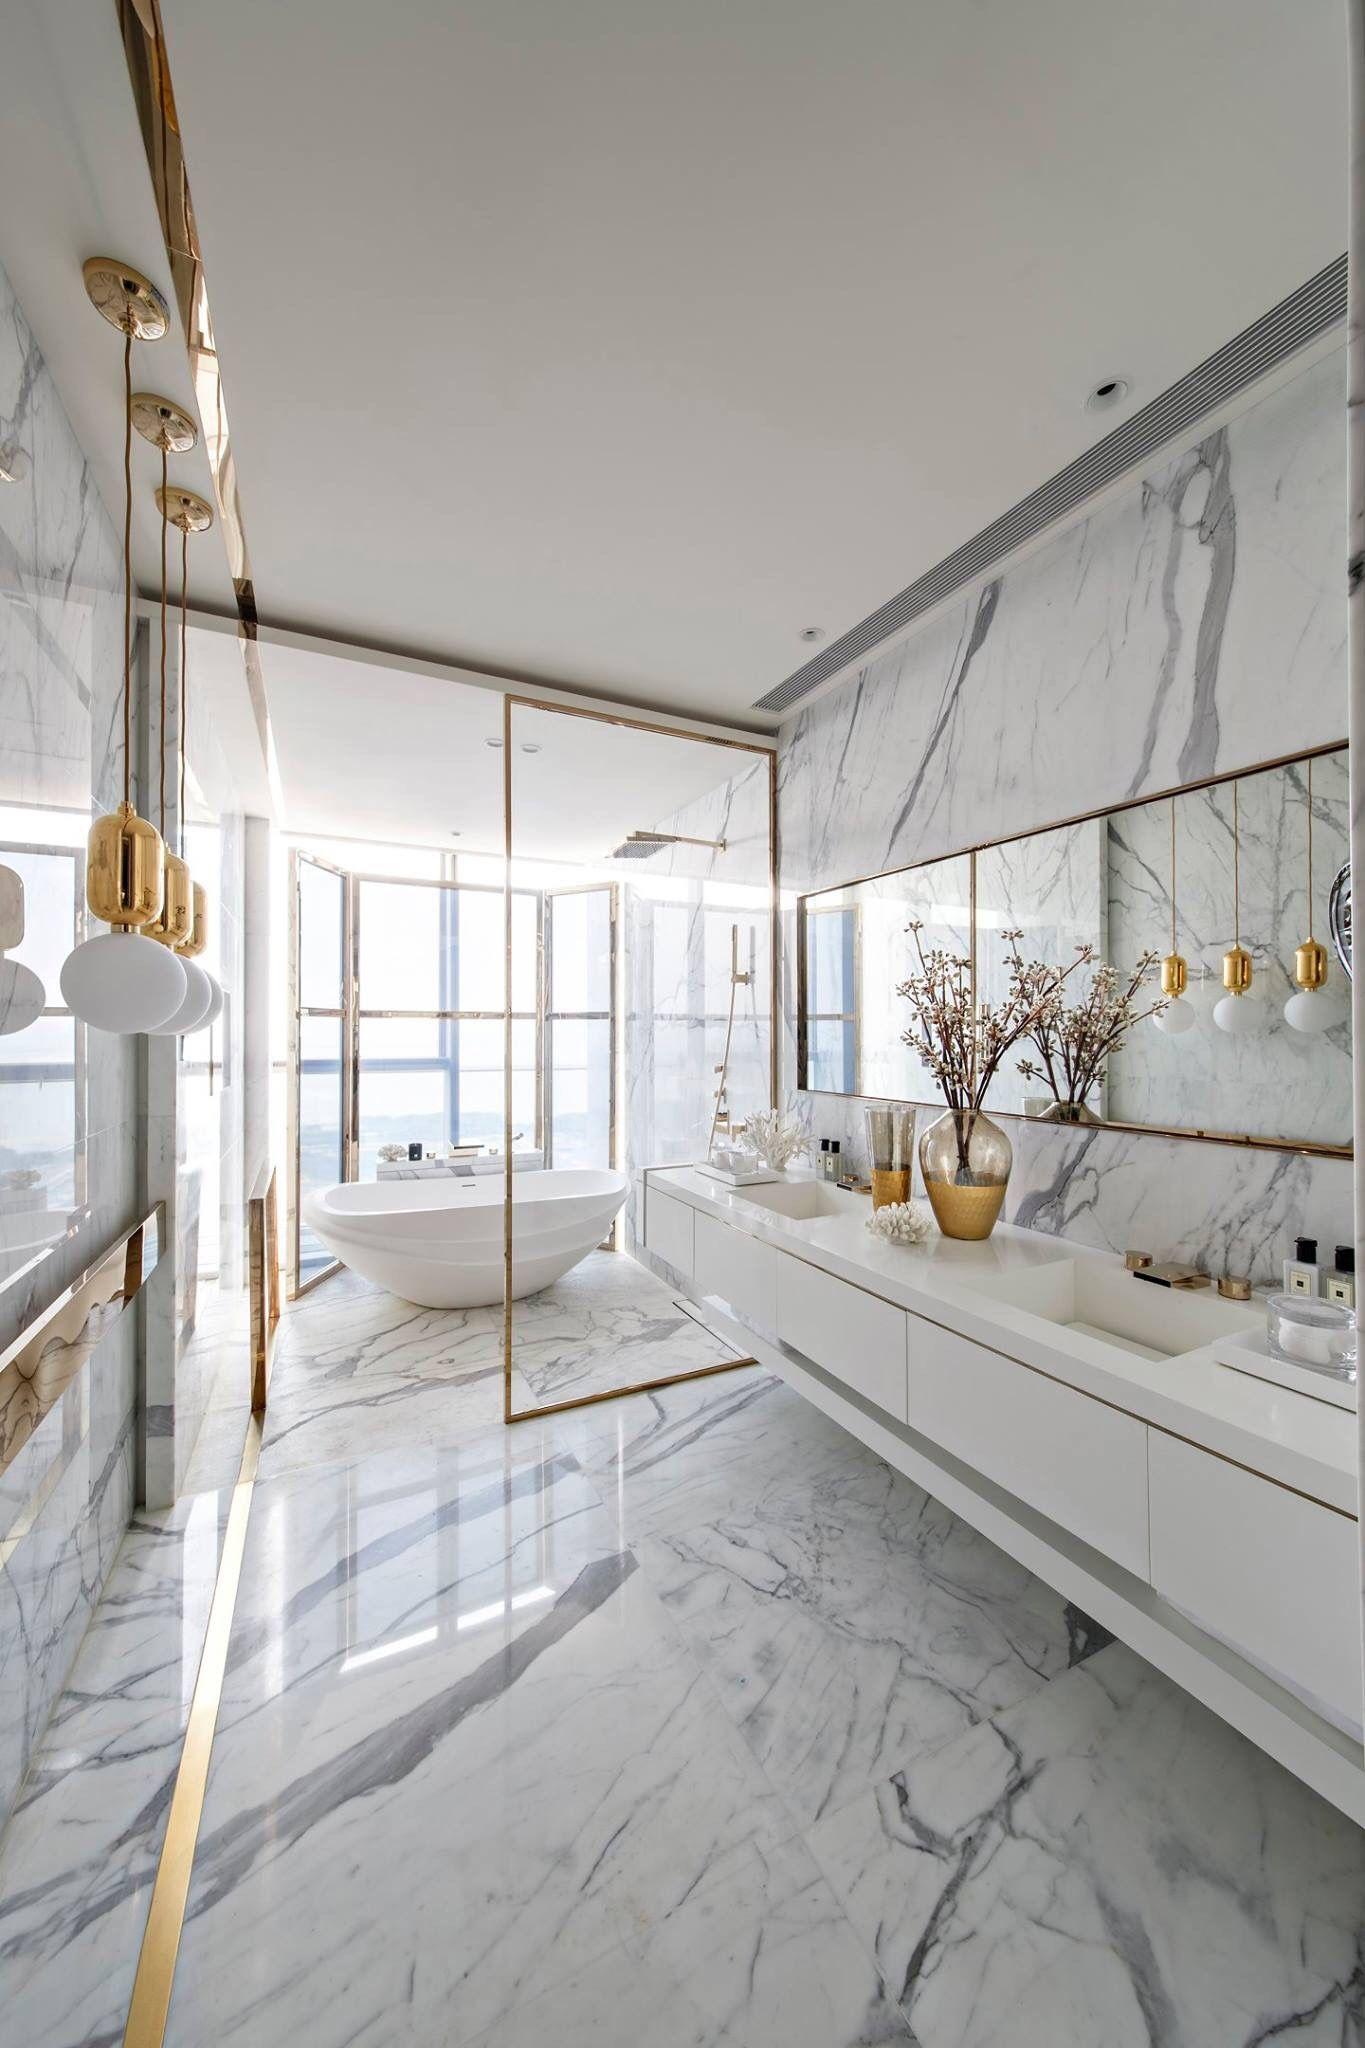 Pin de Valentin Romanov en Bathroom | Pinterest | Pasillos, Cayendo ...